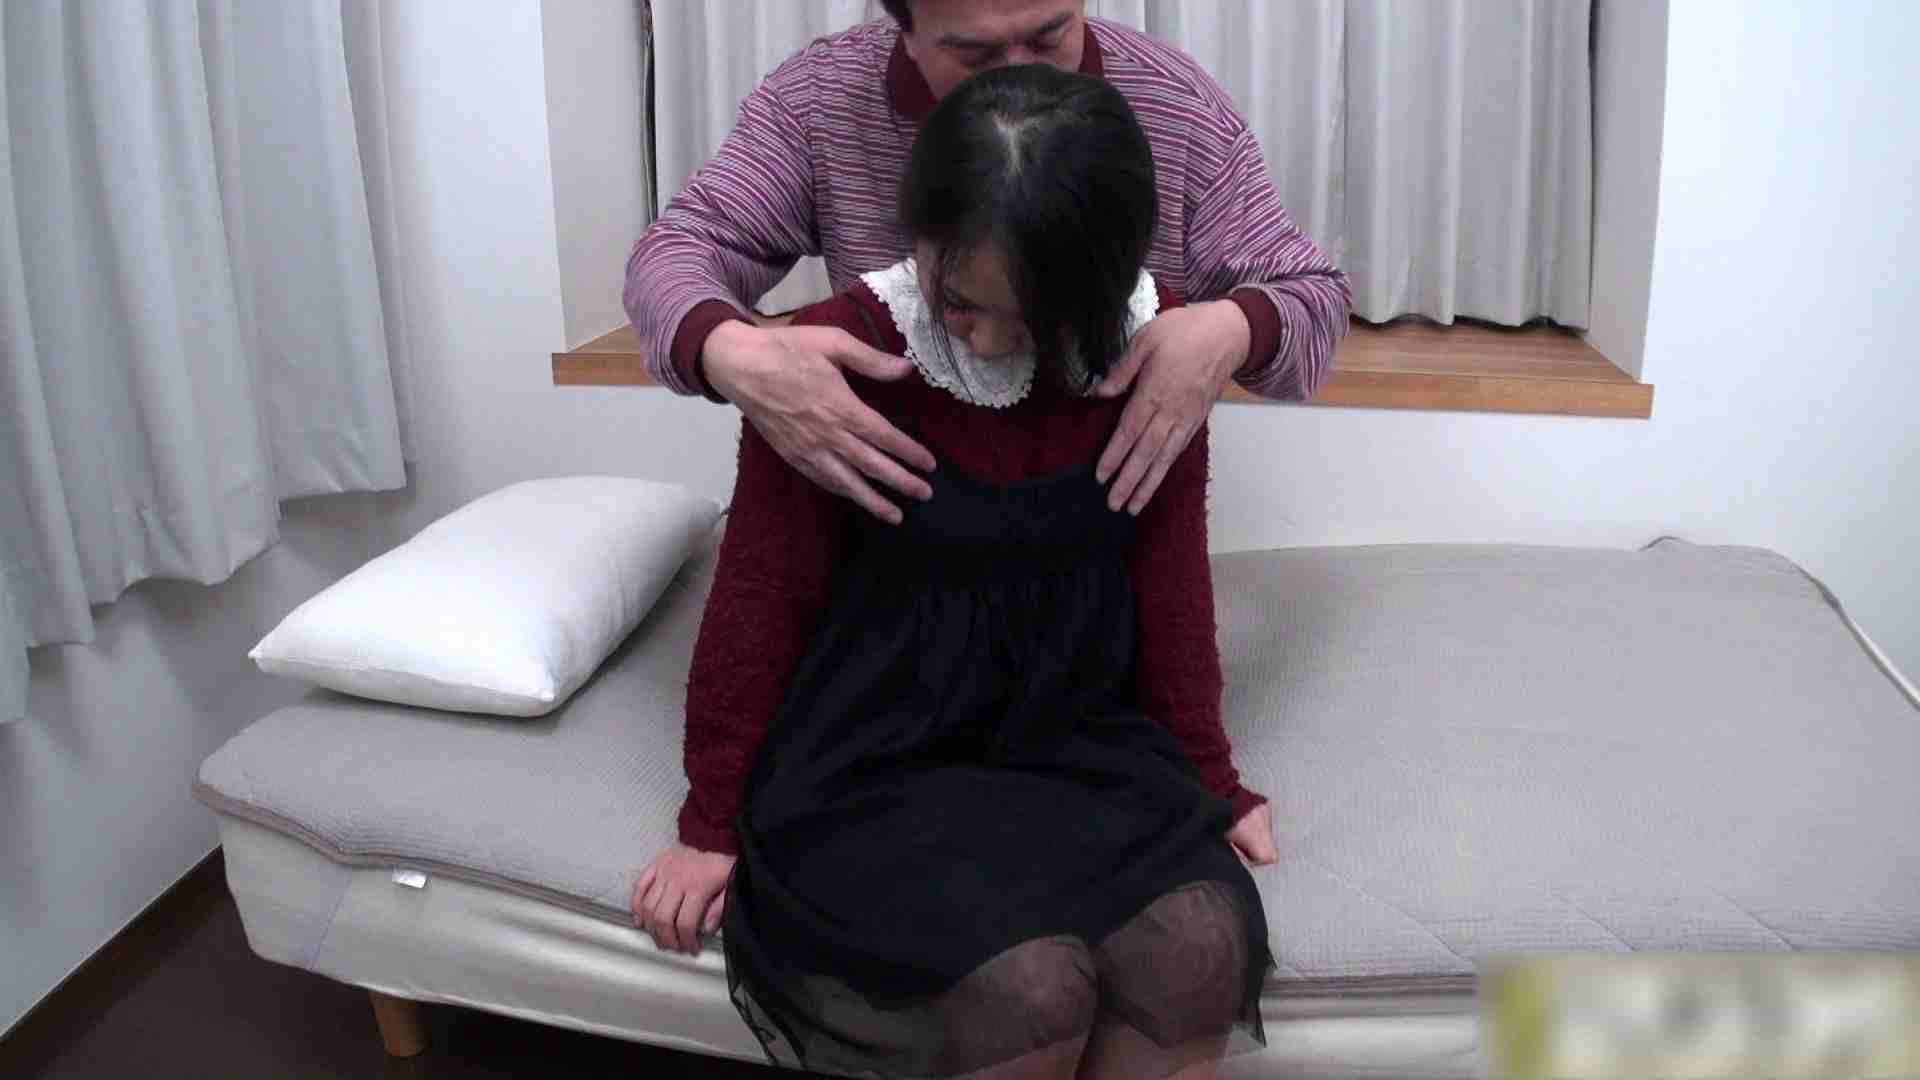 おしえてギャル子のH塾 Vol.12 前編 ギャルのエロ動画 戯れ無修正画像 101pic 17